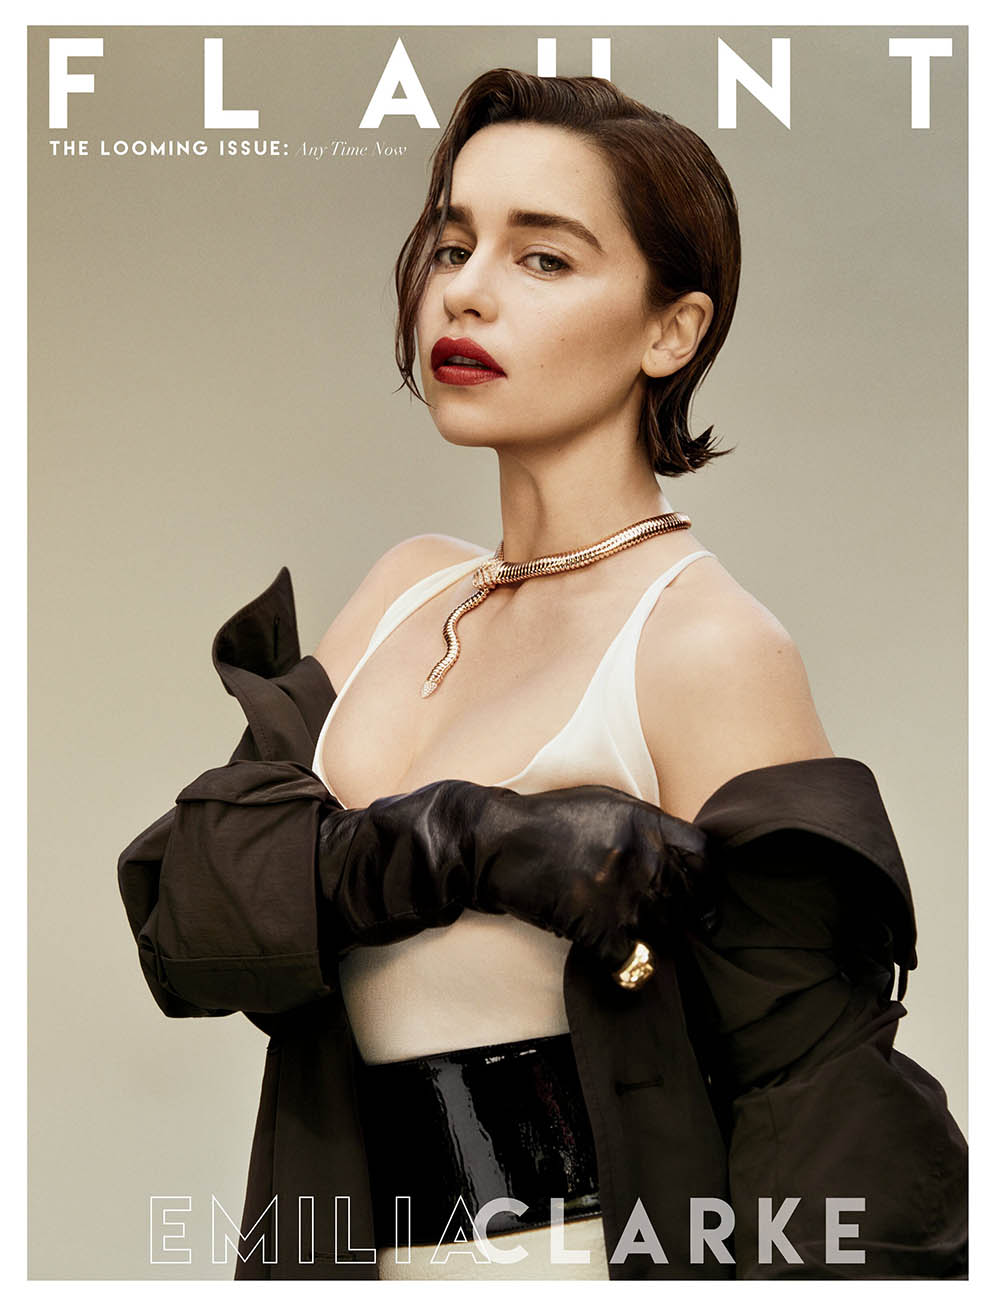 Emilia Clarke covers Flaunt Magazine Issue 166 by Olivia Malone